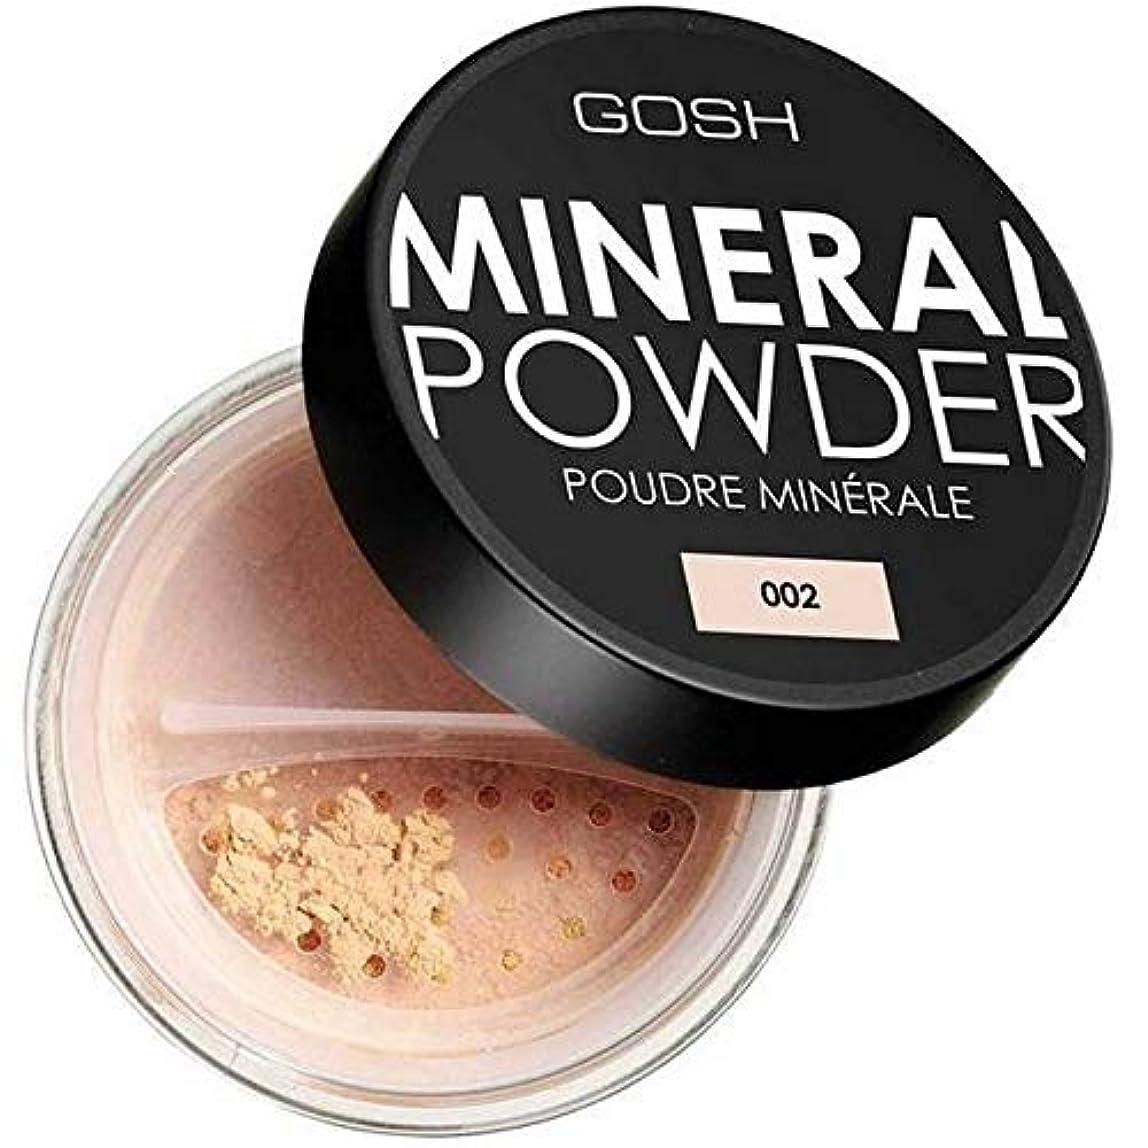 割合知覚できる弾薬[GOSH ] おやっミネラルフルカバーファンデーションパウダーアイボリー002 - GOSH Mineral Full Coverage Foundation Powder Ivory 002 [並行輸入品]